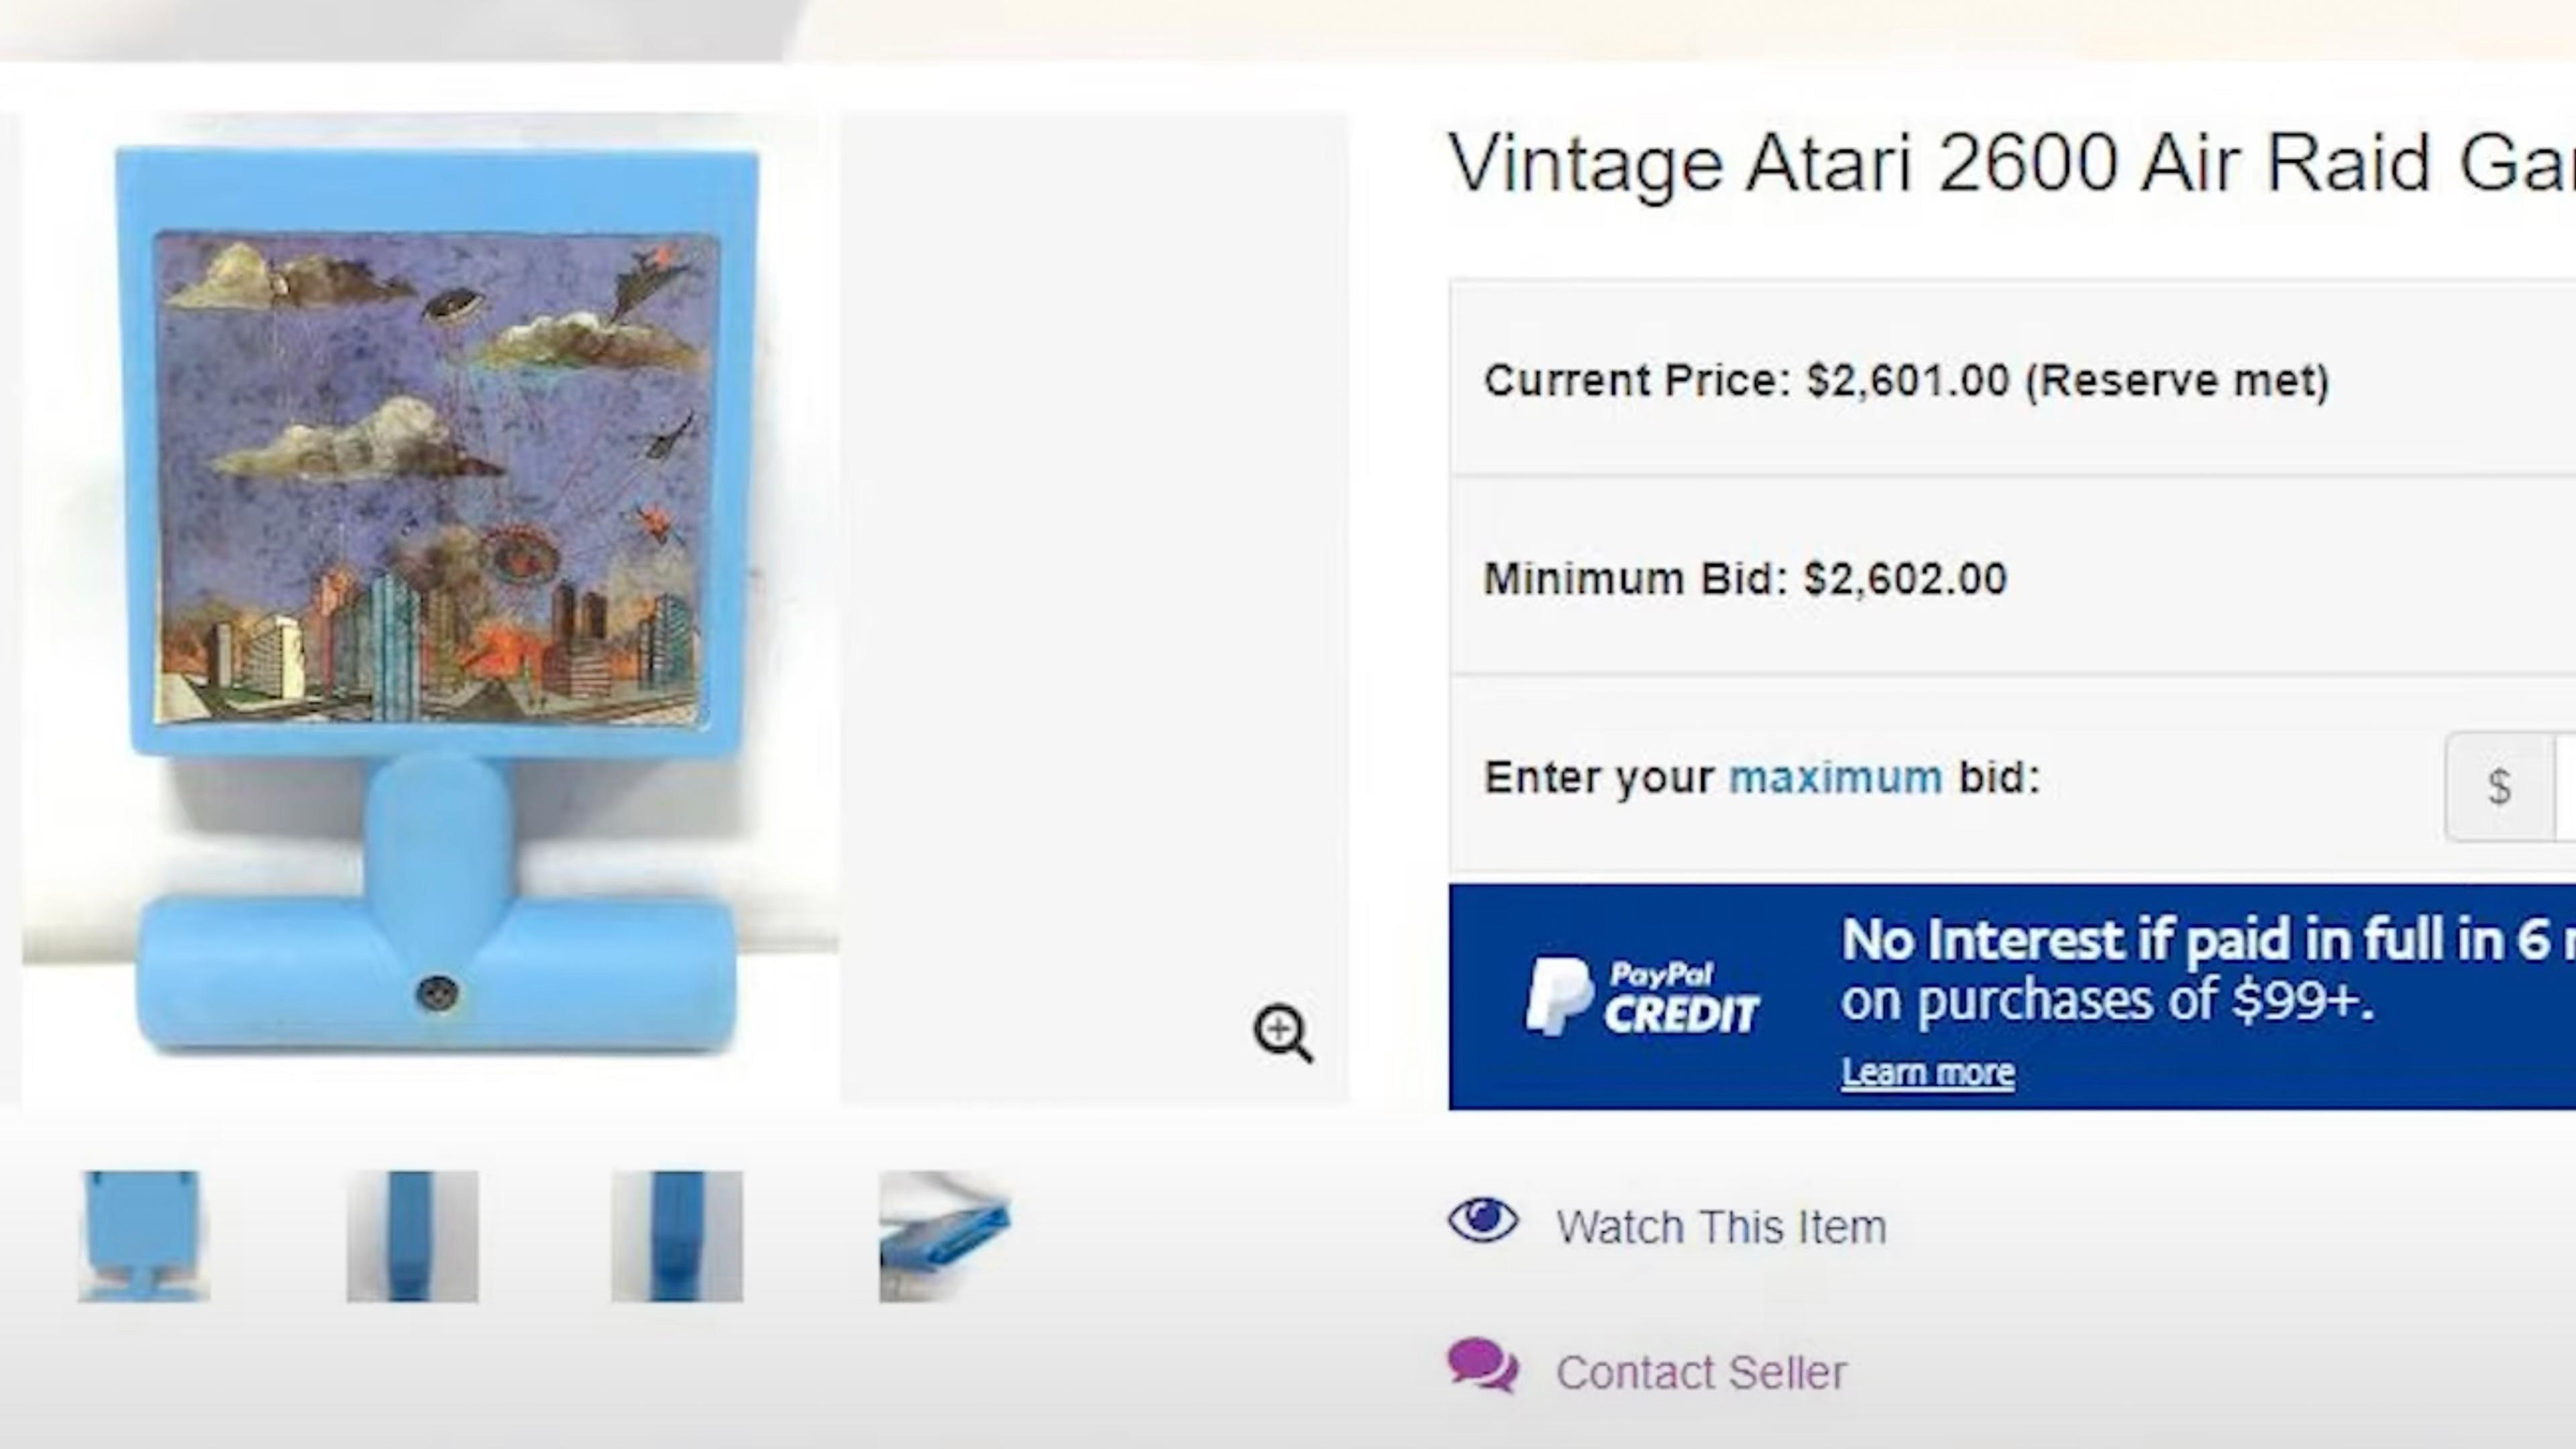 Atari Air Raid auction